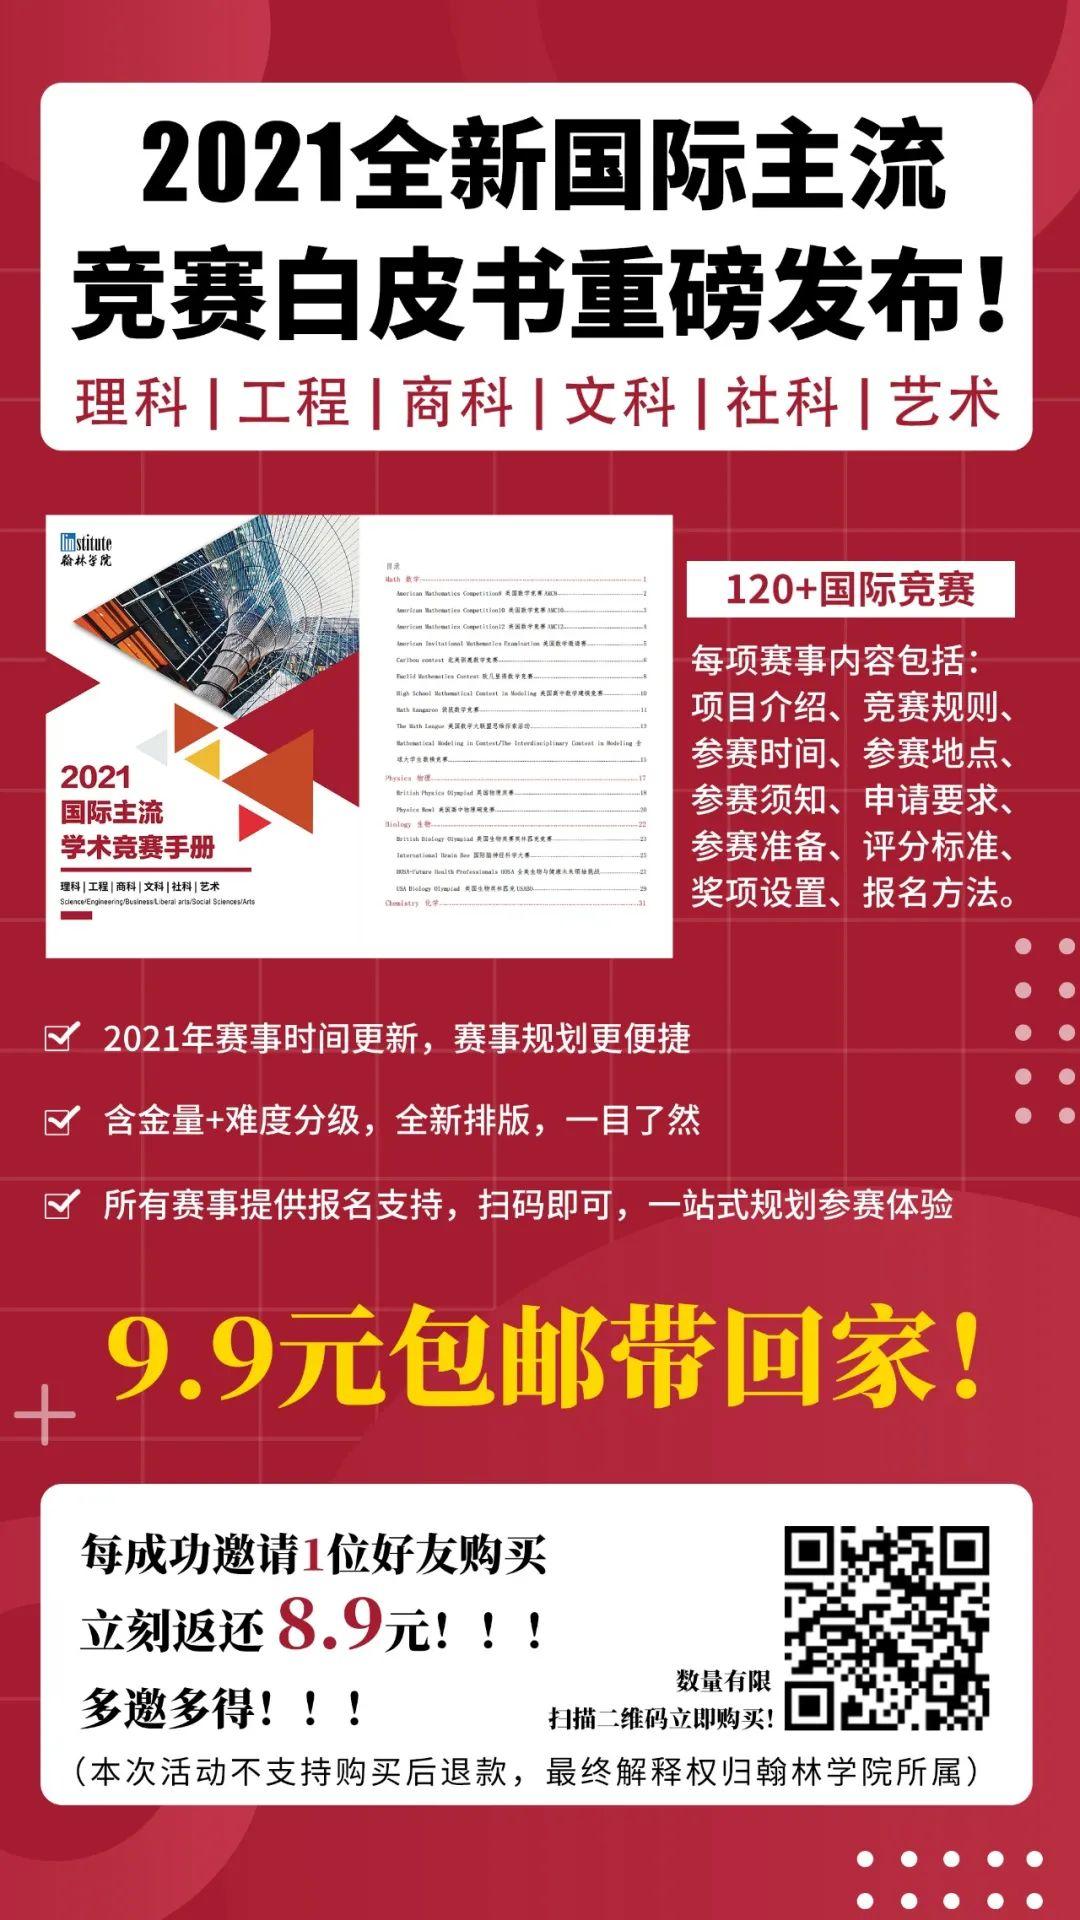 全新发布,留学圈重磅福利!2021最新最全国际竞赛白皮书1元带回家!